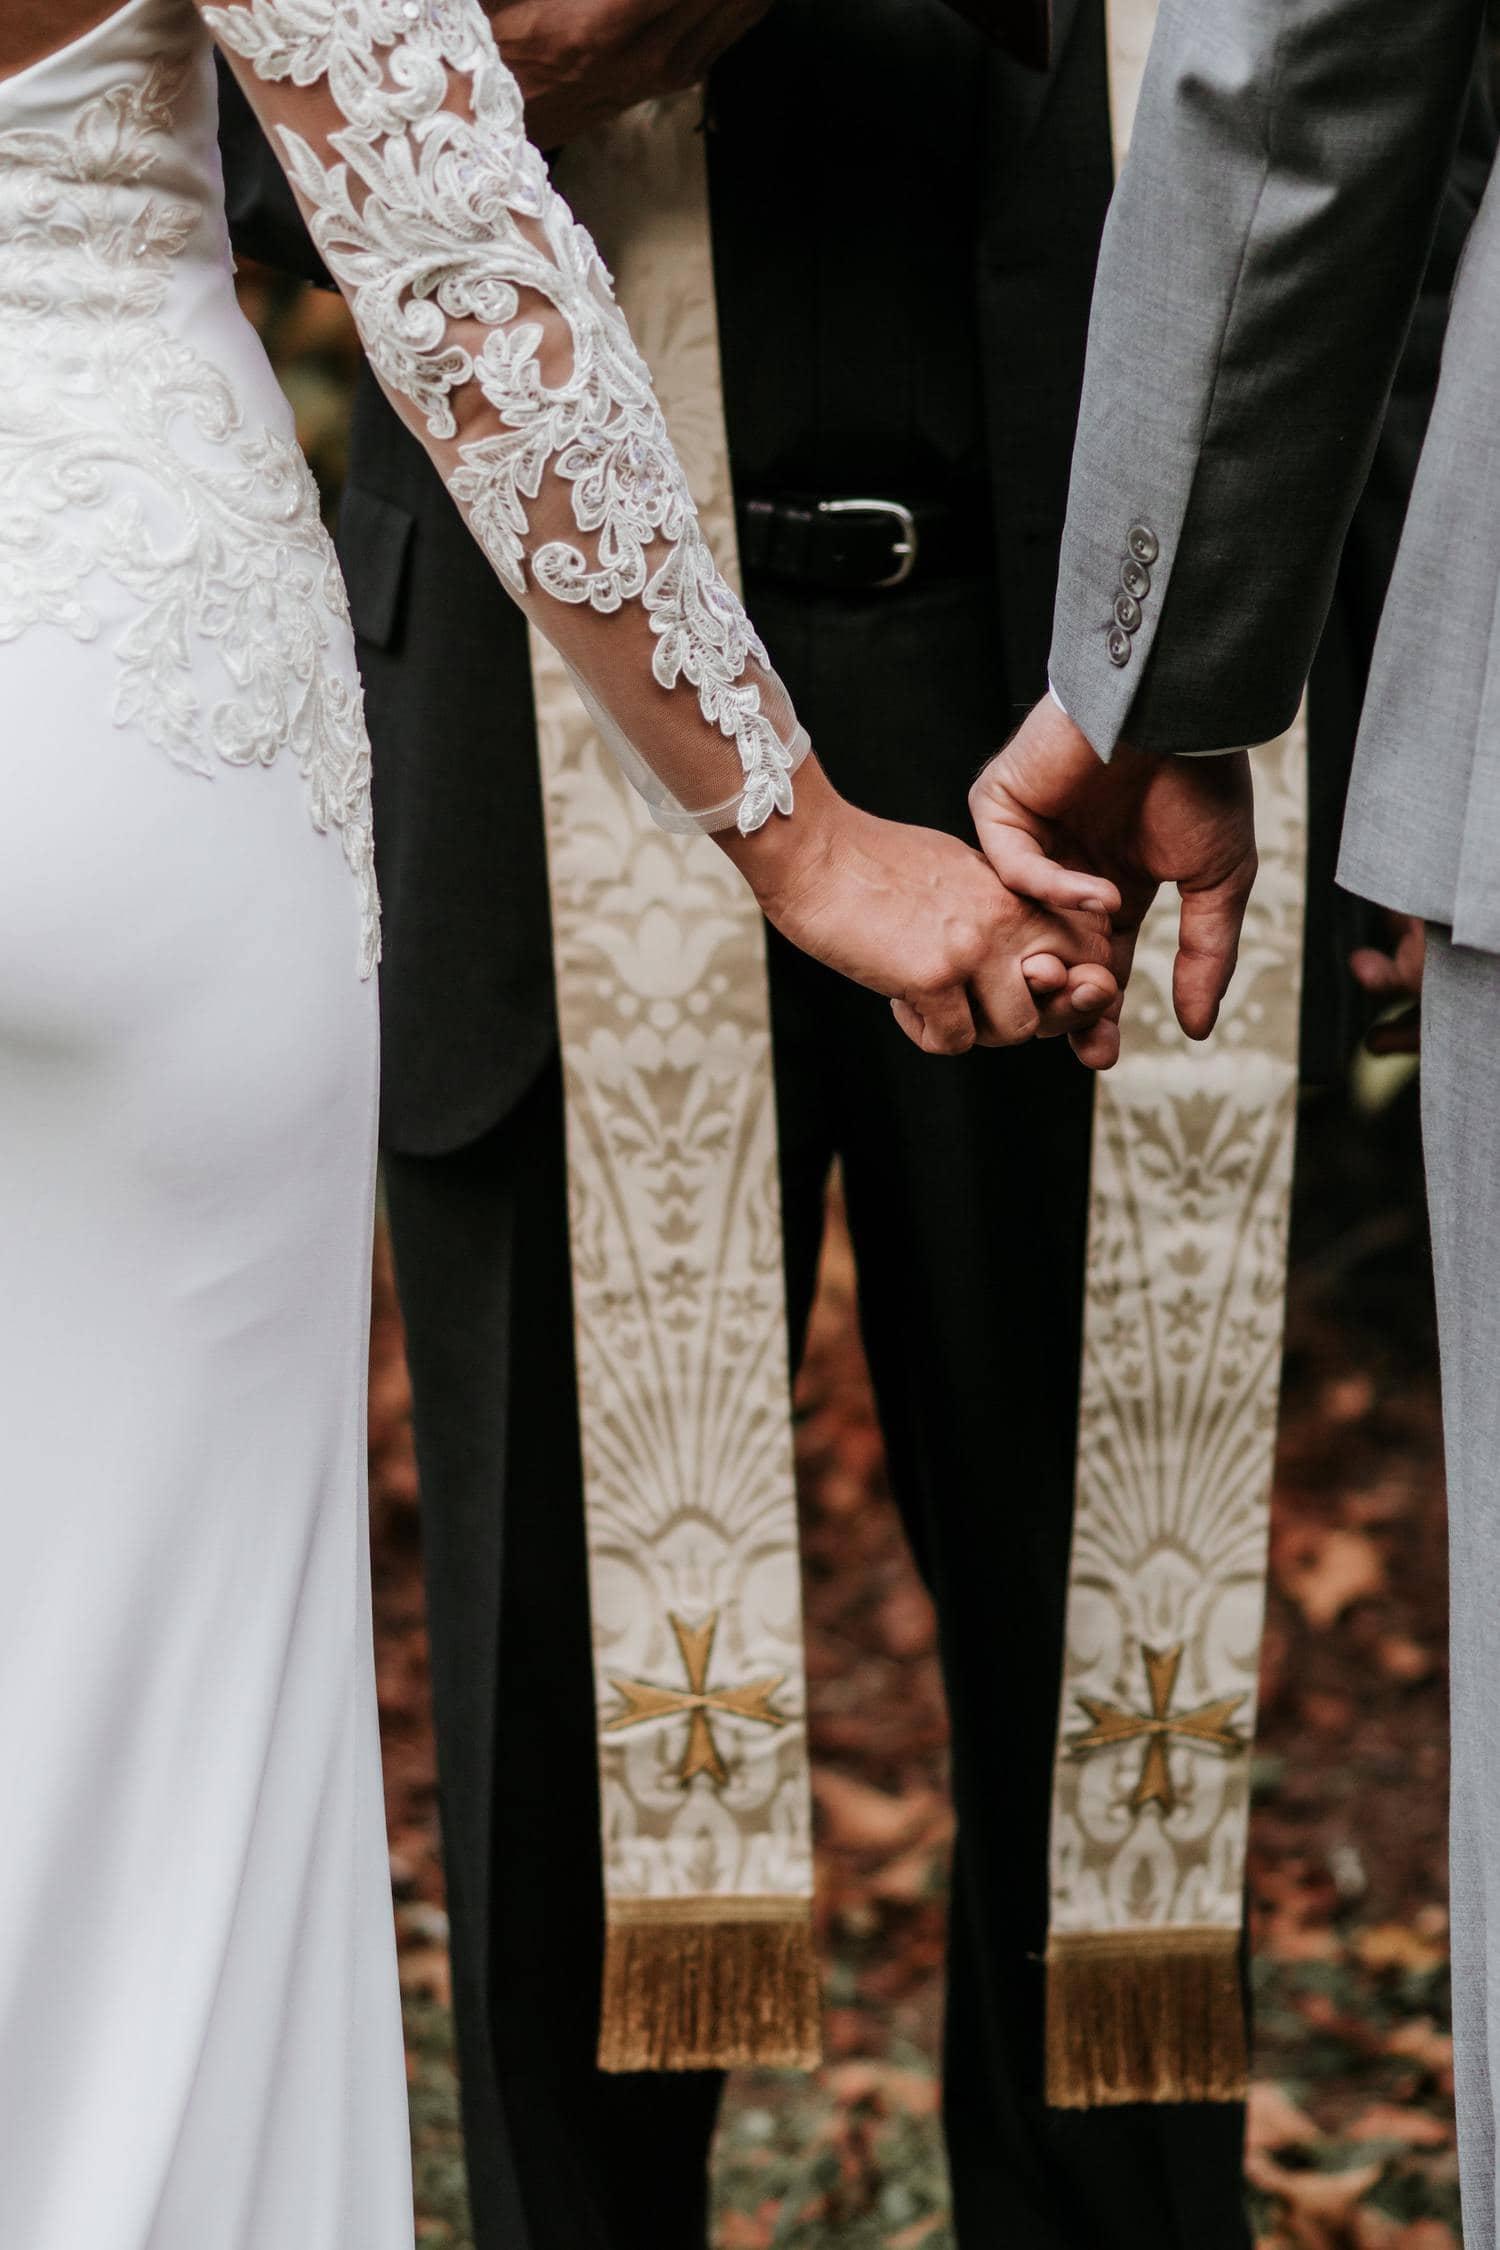 Manos entrelazadas de los novios en la boda